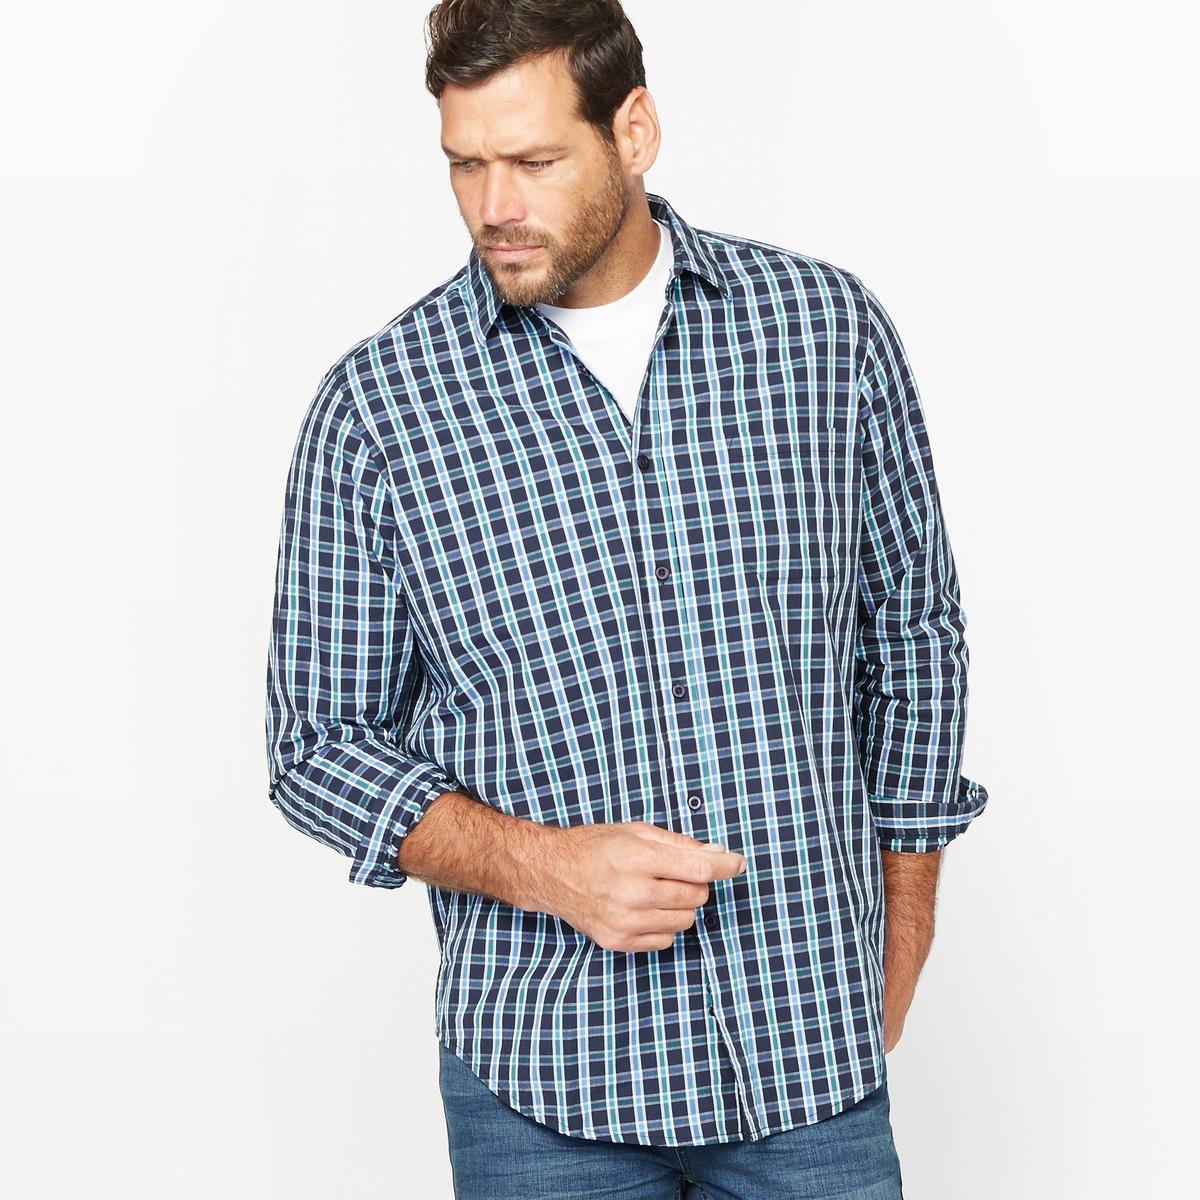 Рубашка в клеткуМатериал : поплин из 100% хлопка.Длина переда от 83 до 90 см в зависимости от размера .Марка : CASTALUNA FOR MEN.Уход : Машинная стирка при 30 °C.<br><br>Цвет: в клетку темно-синий<br>Размер: 49/50.41/42